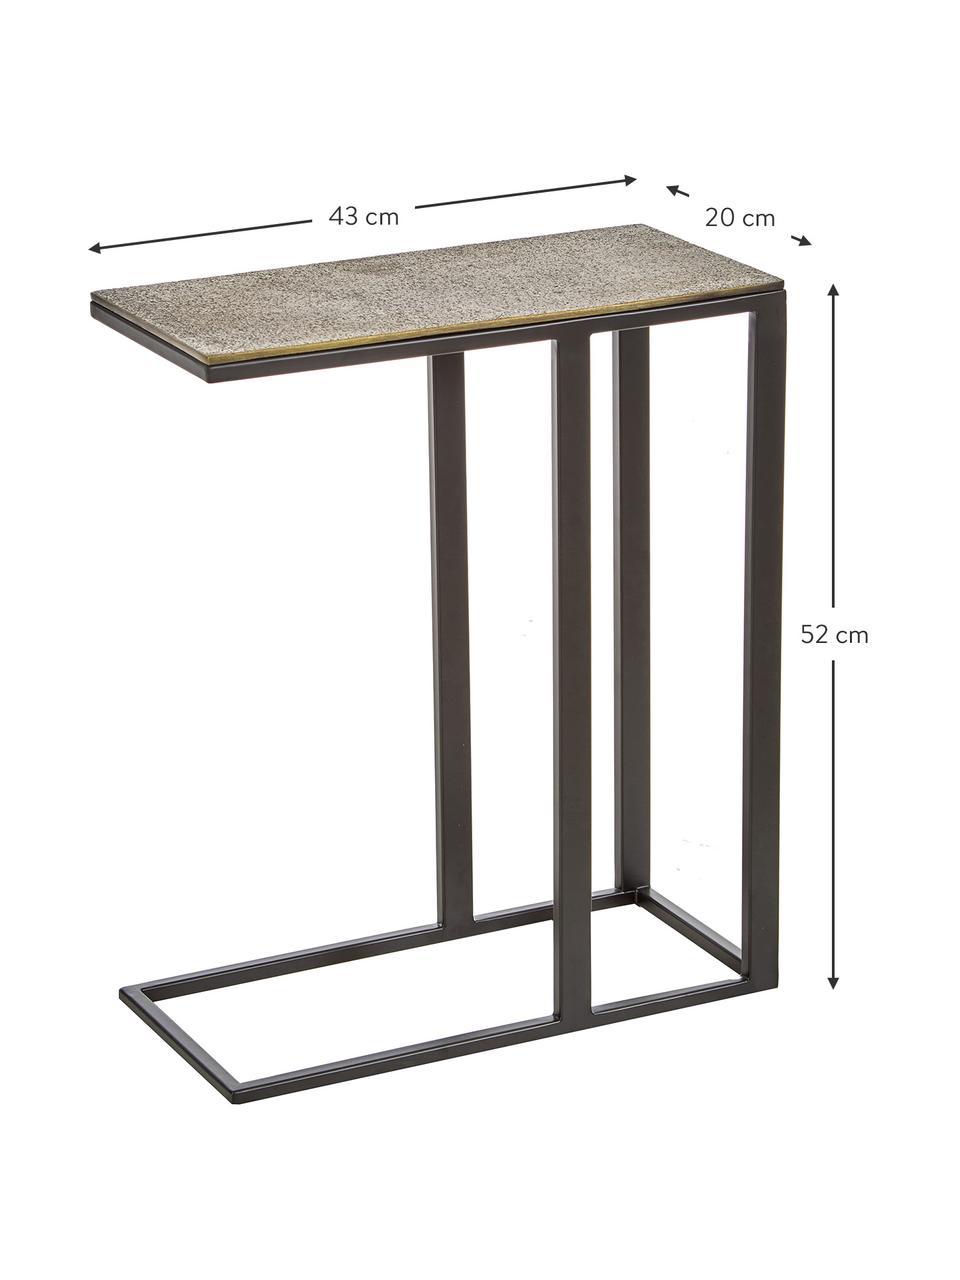 Table d'appoint style industriel Edge, Laiton, noir